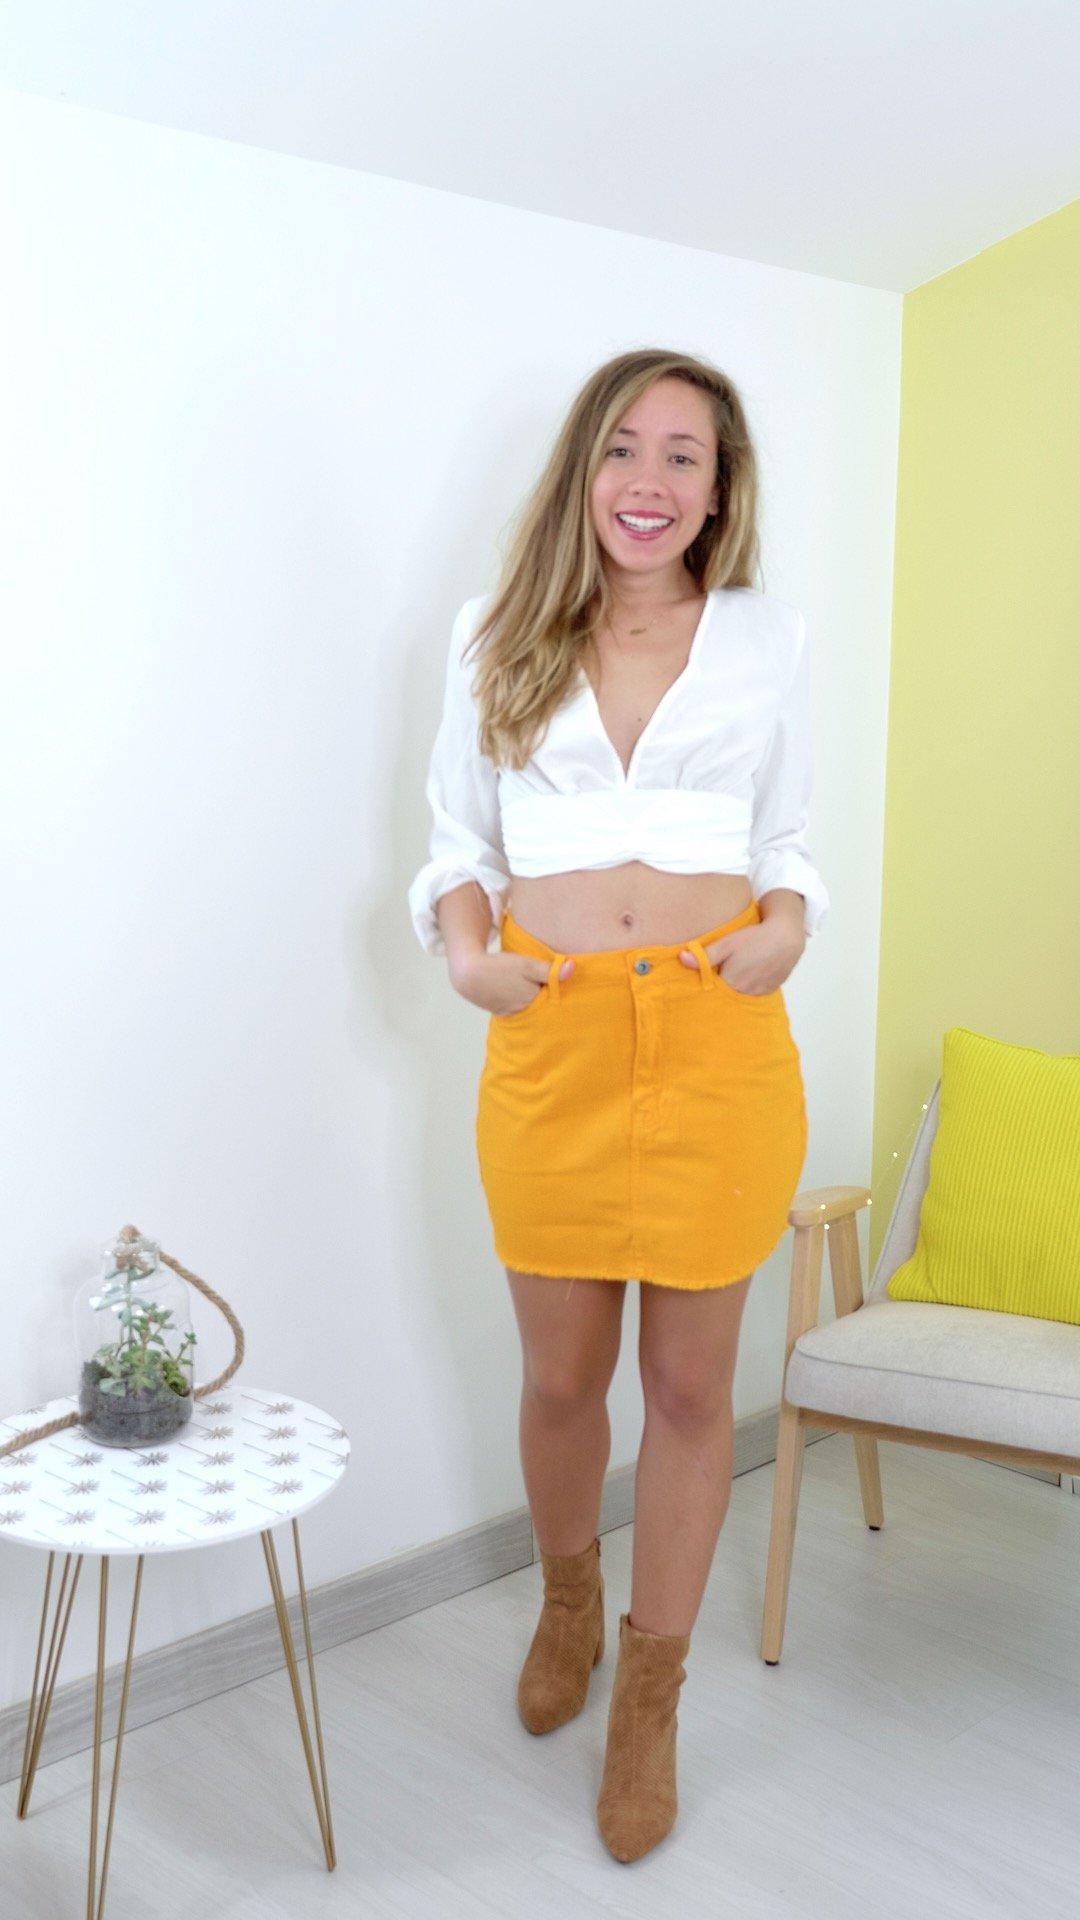 jupe jaune jean top blouse blanc